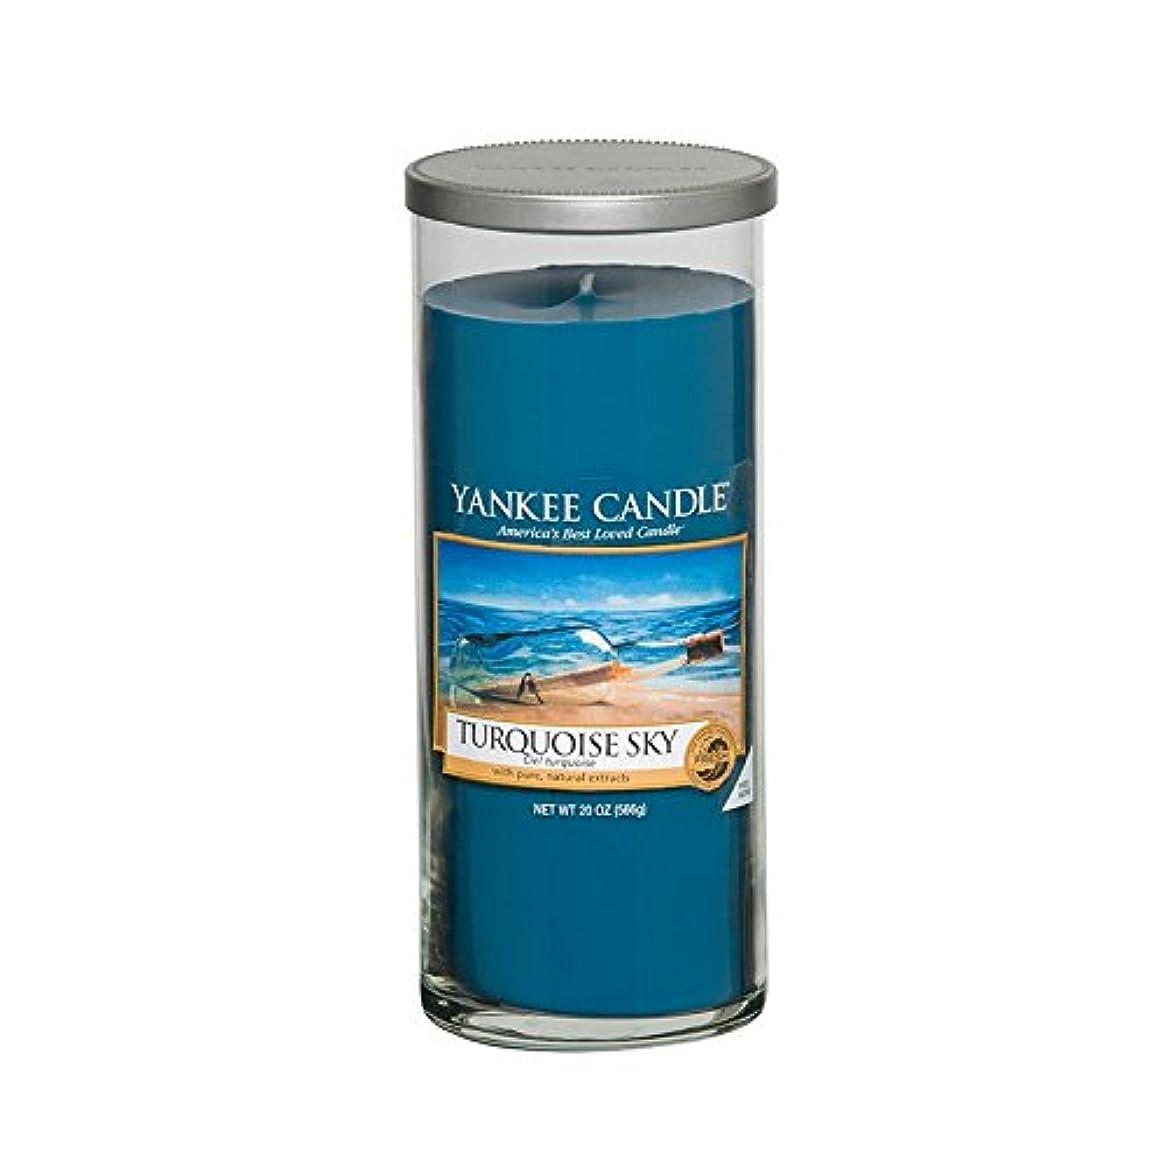 架空のやけど松明ヤンキーキャンドル大きな柱キャンドル - ターコイズの空 - Yankee Candles Large Pillar Candle - Turquoise Sky (Yankee Candles) [並行輸入品]